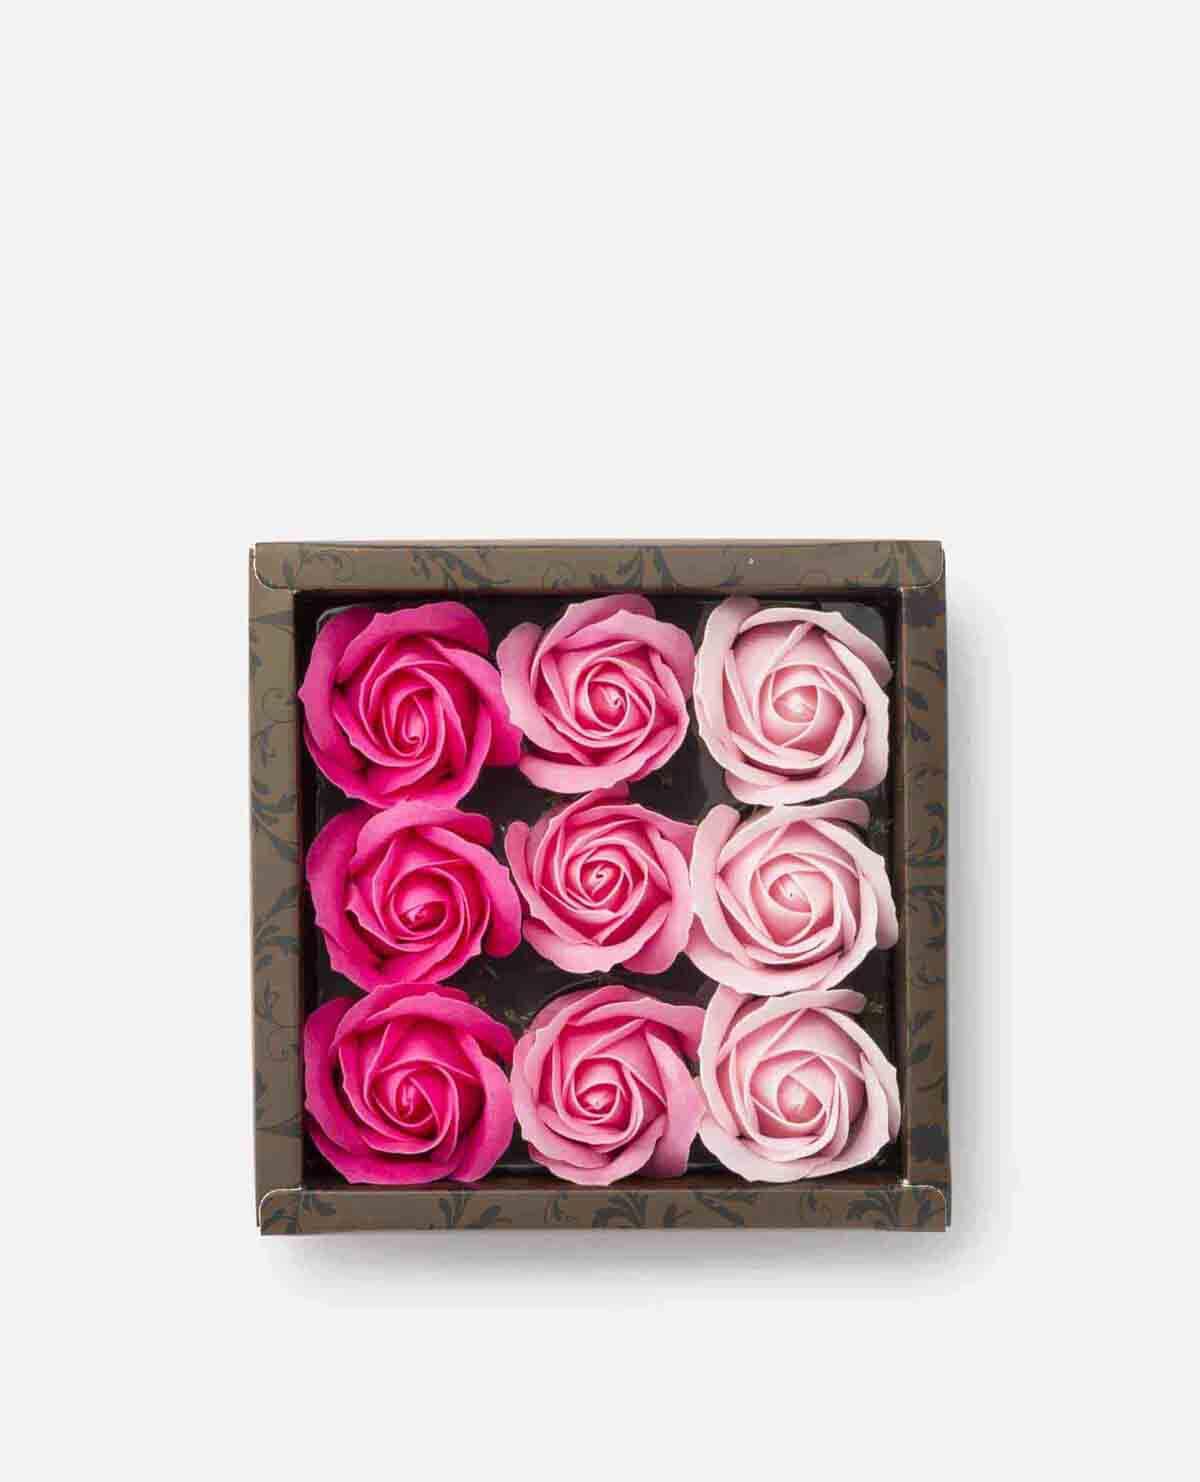 花 入浴剤 ローズ バラ グラデーション ピンク